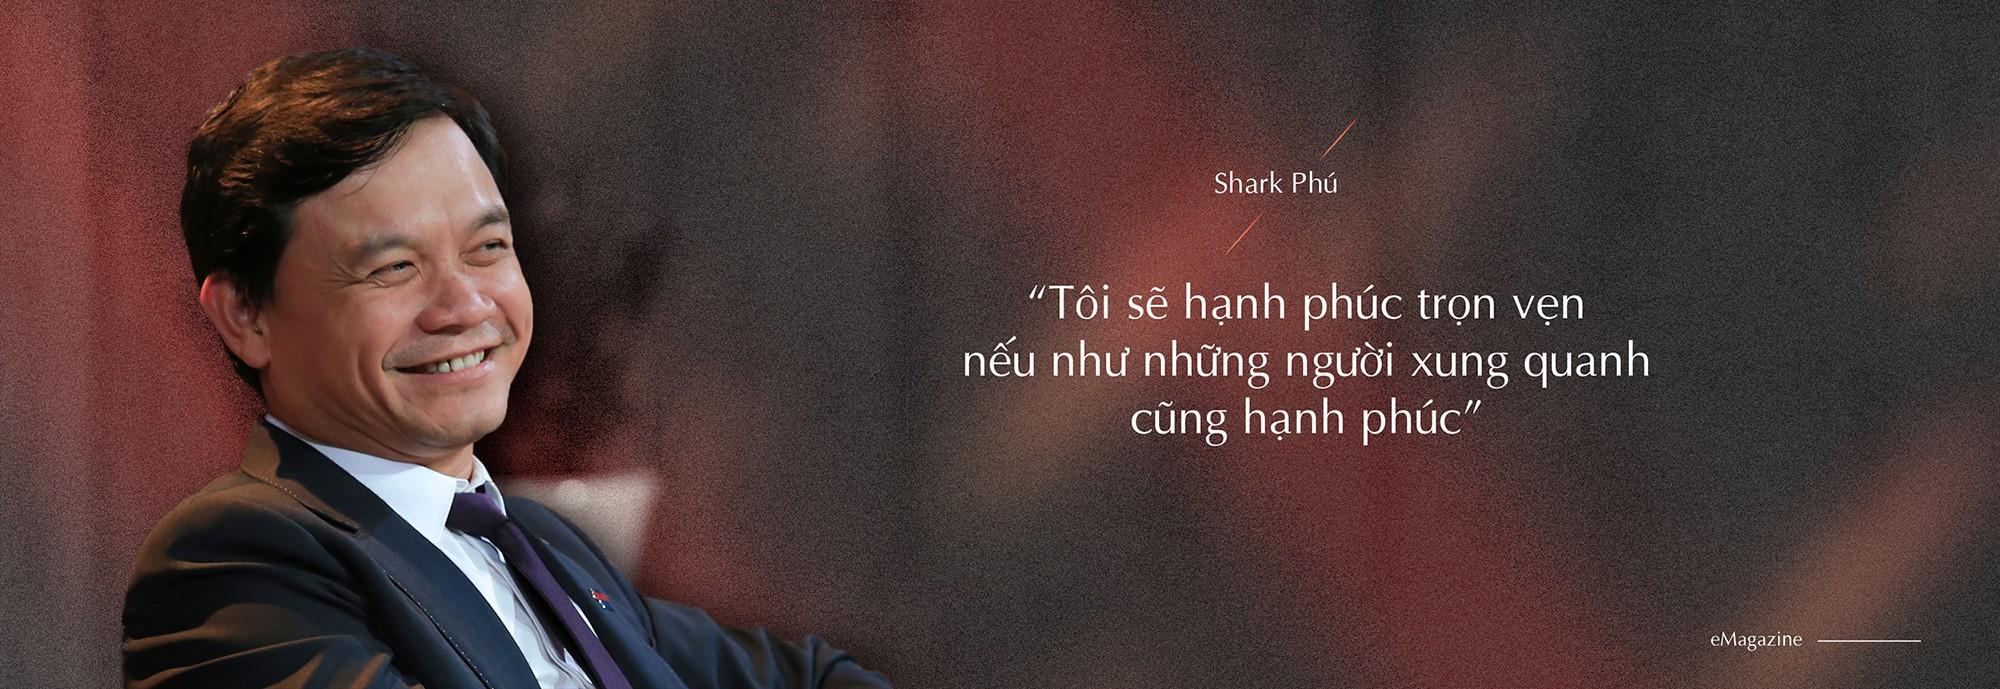 Căn bếp hạnh phúc SUNHOUSE và ước mơ cả đời của Shark Phú - Ảnh 15.